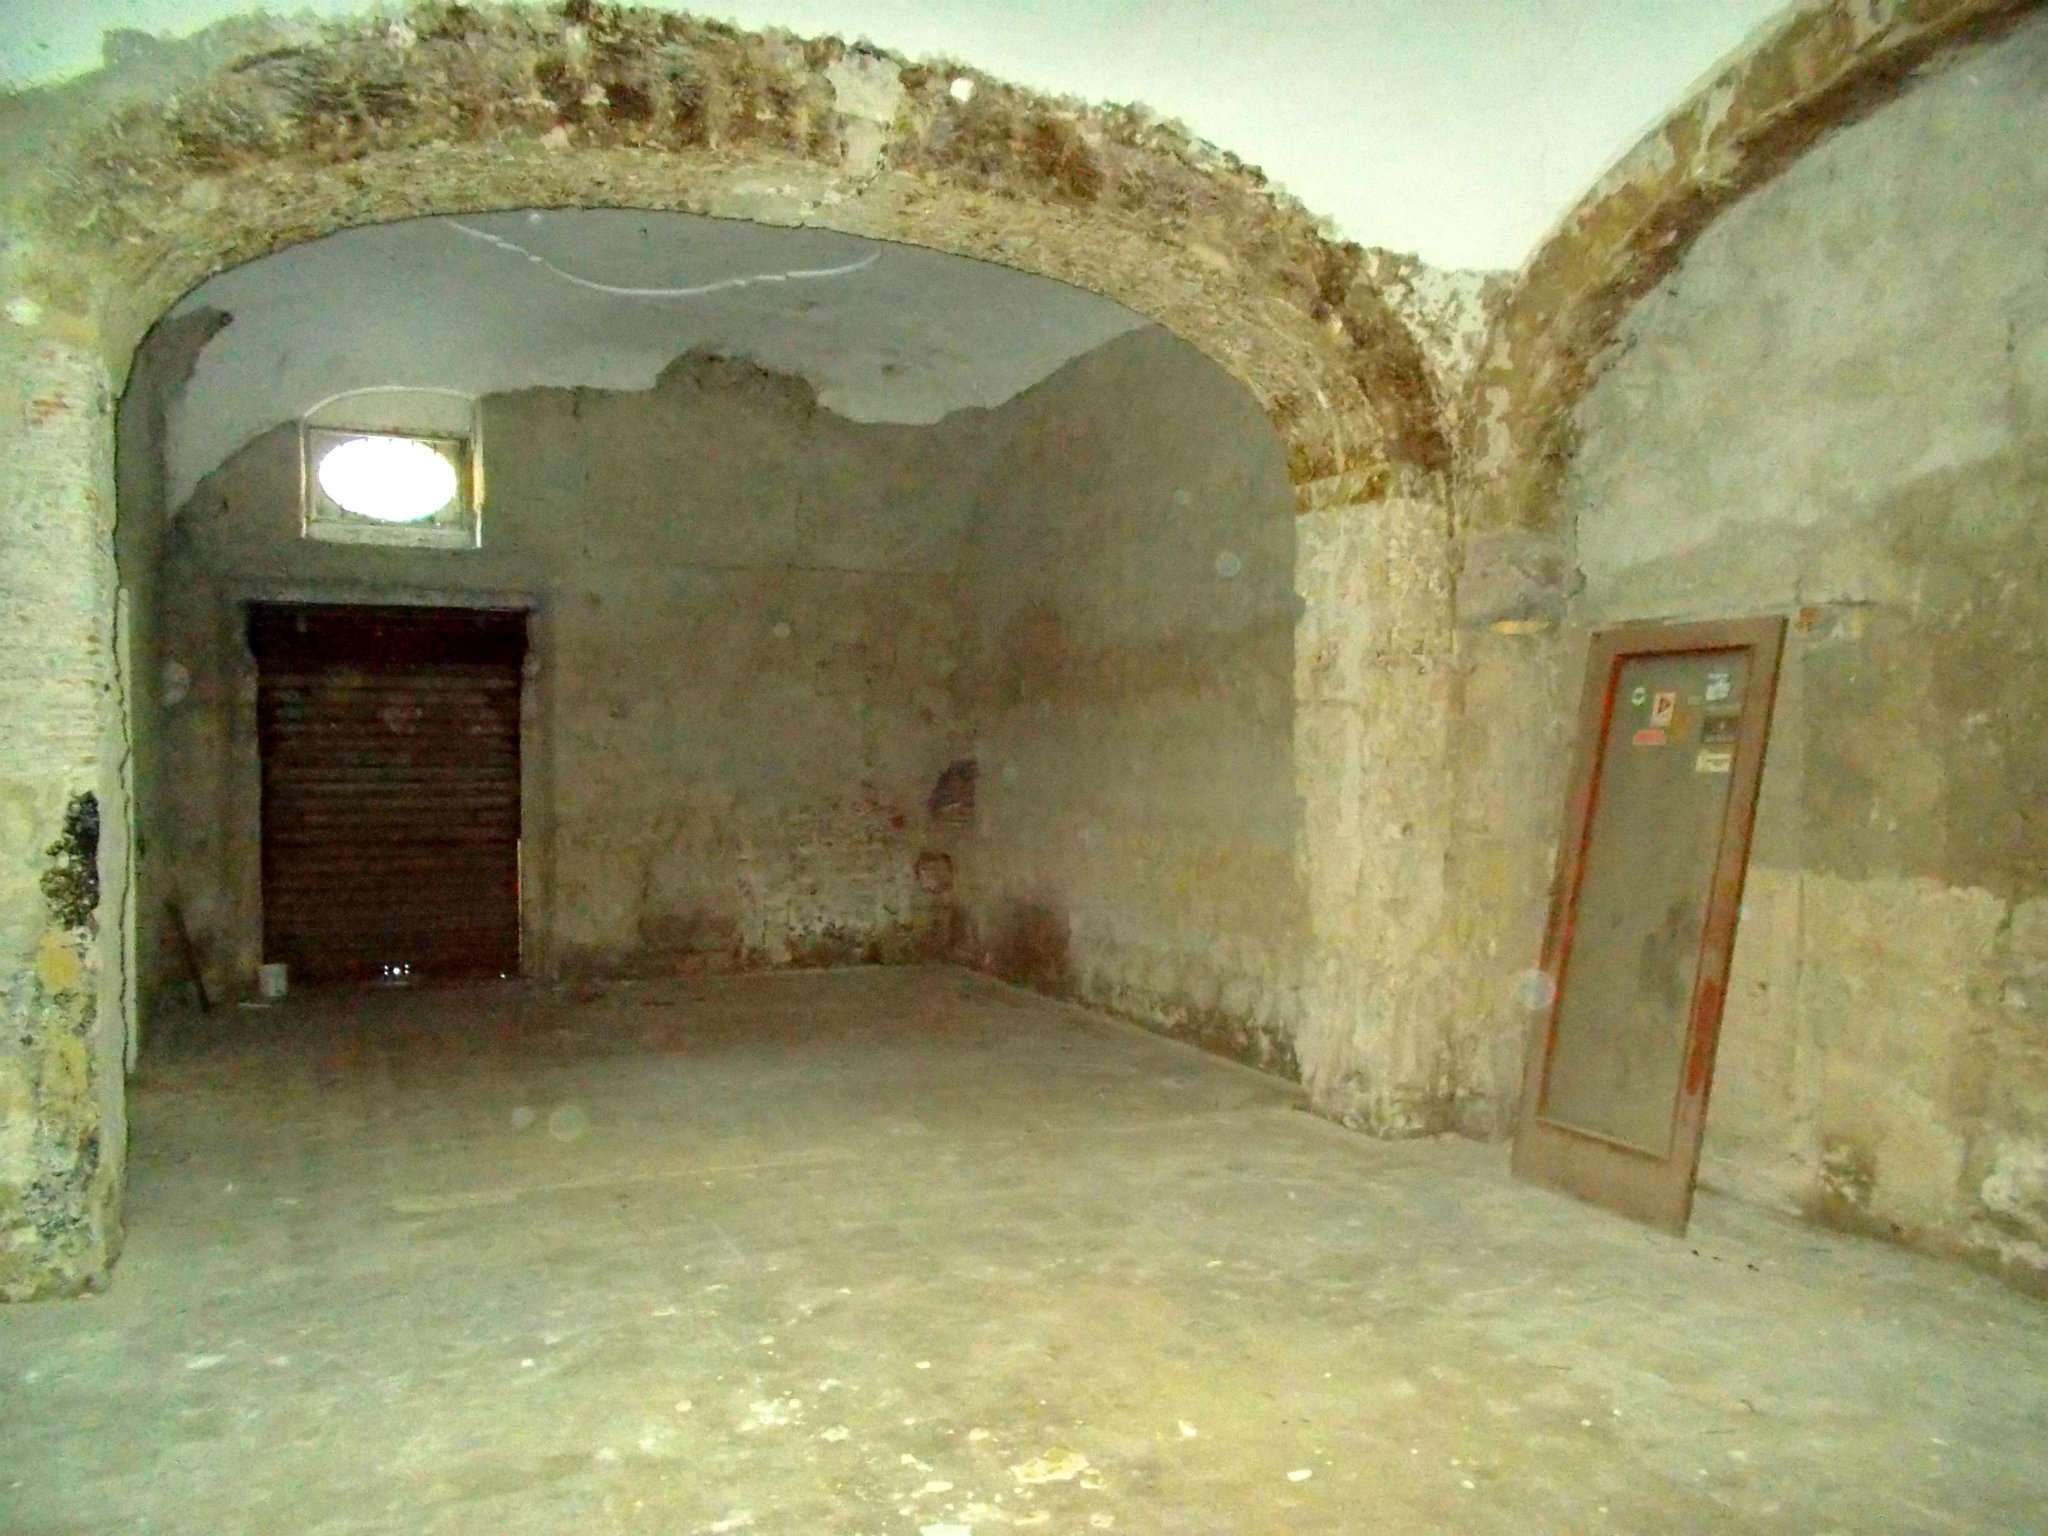 Negozio / Locale in vendita a Santa Maria a Vico, 9999 locali, prezzo € 35.000 | CambioCasa.it